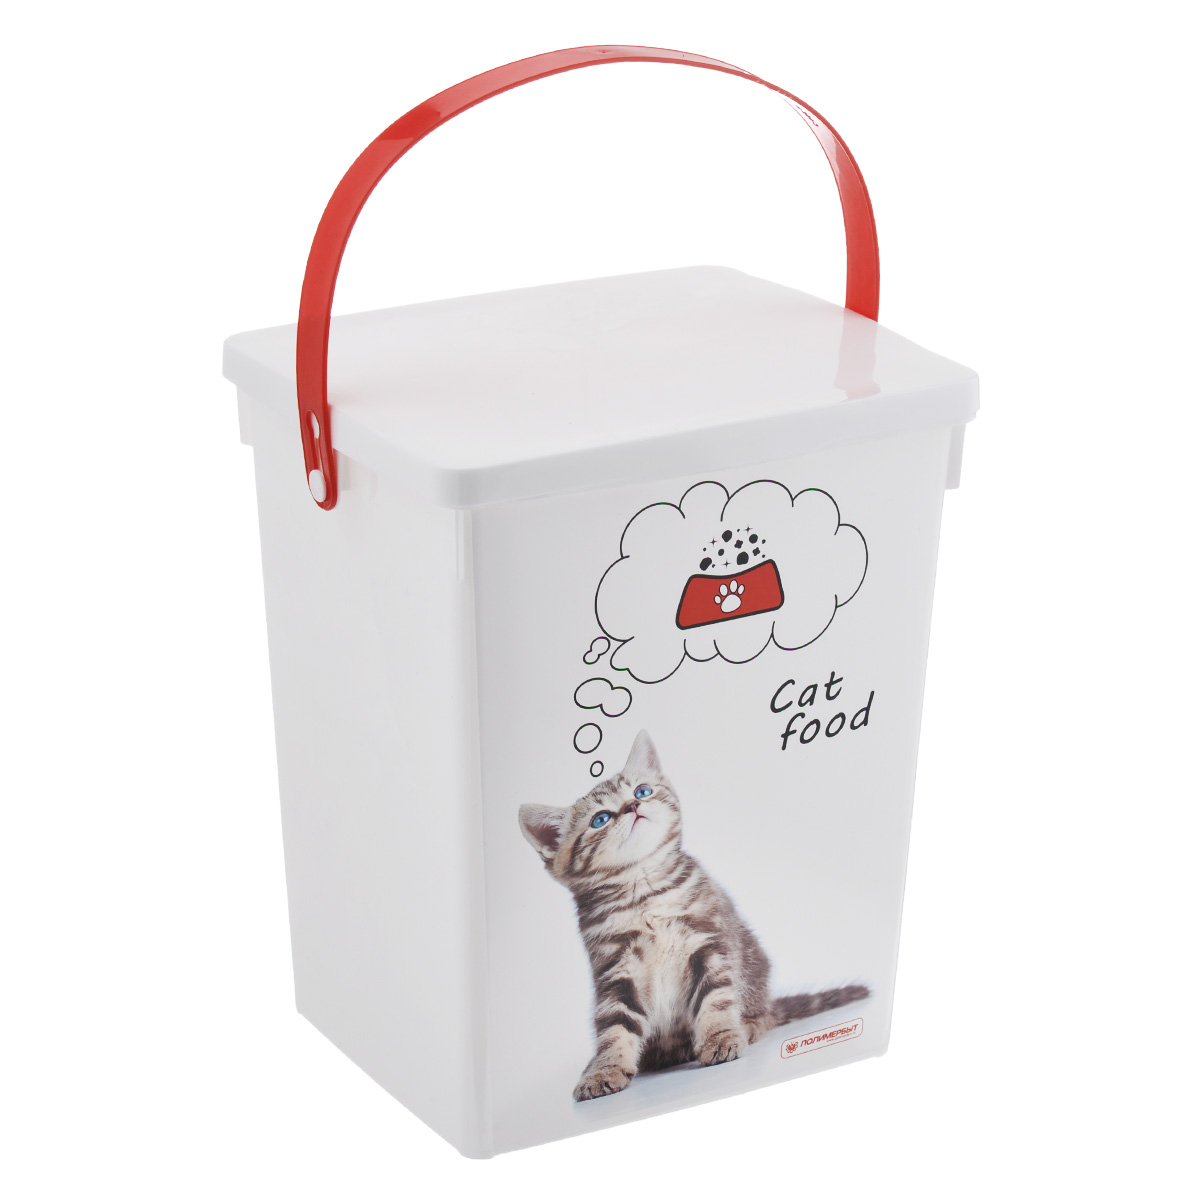 Контейнер для хранения корма Полимербыт Cat Food, цвет: белый, красный, 5 лSC-FD421005Контейнер Полимербыт, изготовленный из высококачественного пластика, предназначен для хранения корма для животных. Контейнер оснащен ручкой, благодаря которой можно без проблем переносить с места на место.В таком контейнере корм останется всегда свежим.